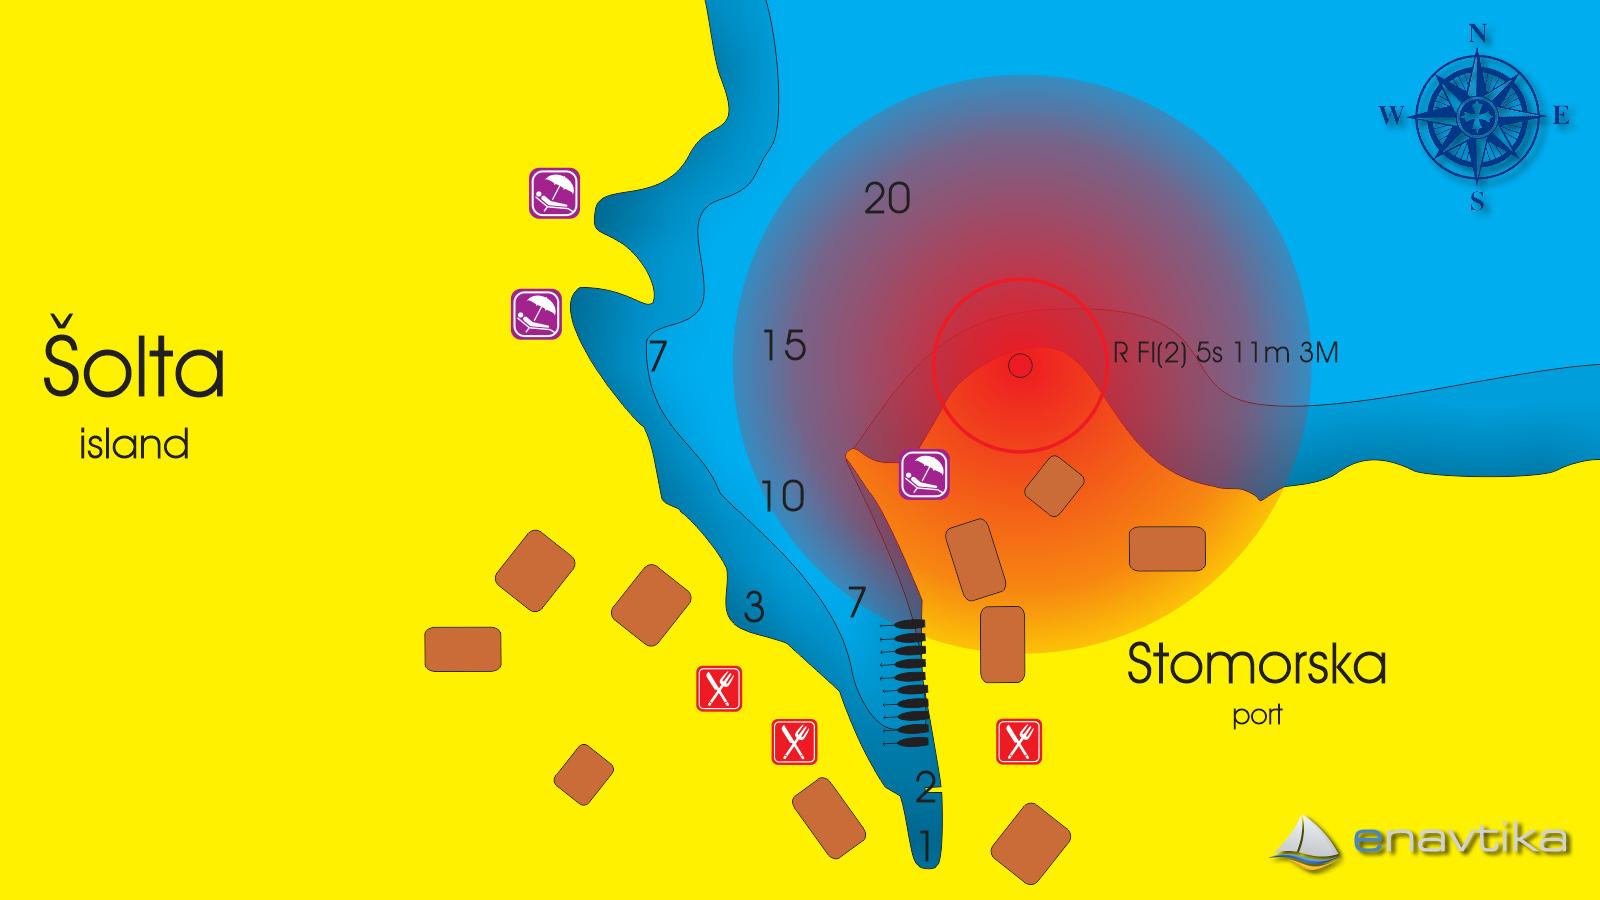 Slika Stomorska E3336 2